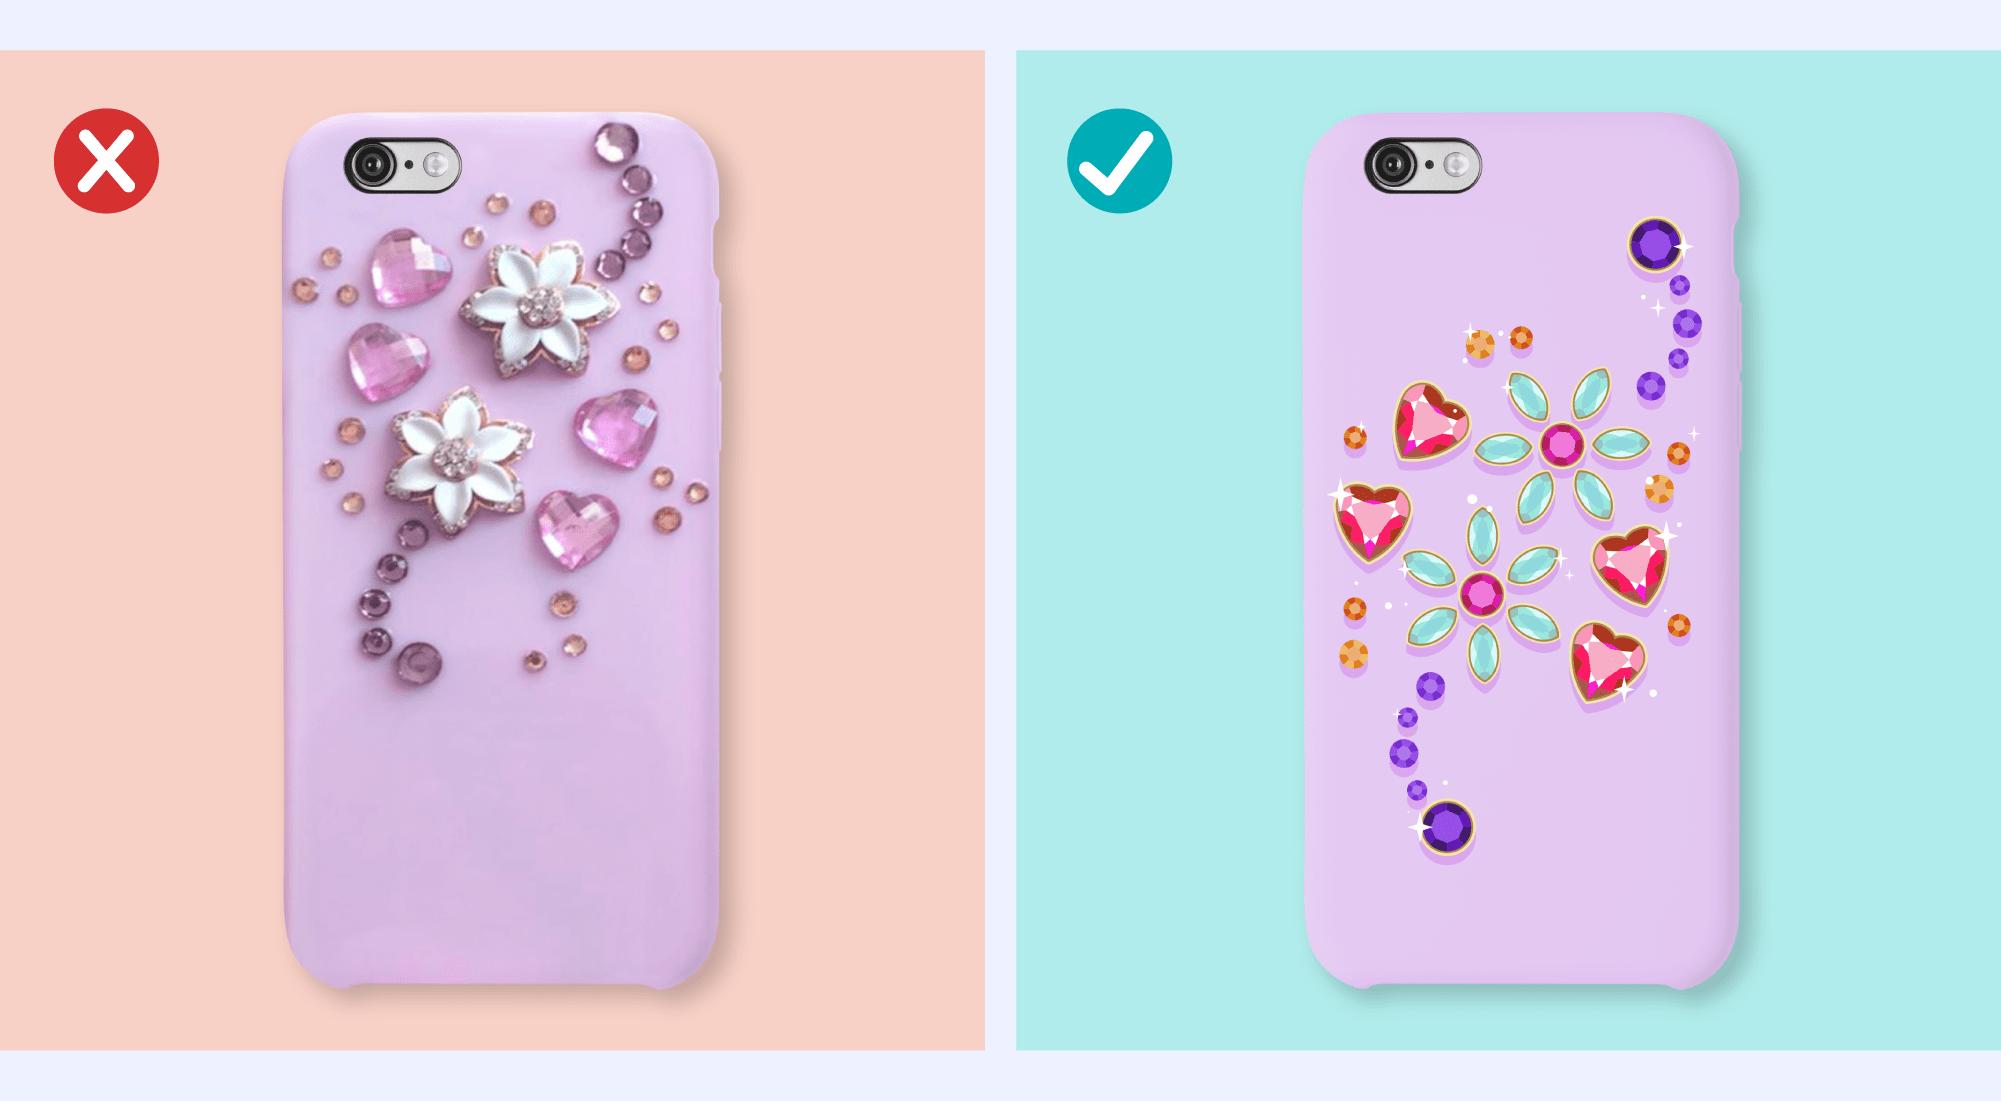 Crystal-like designs